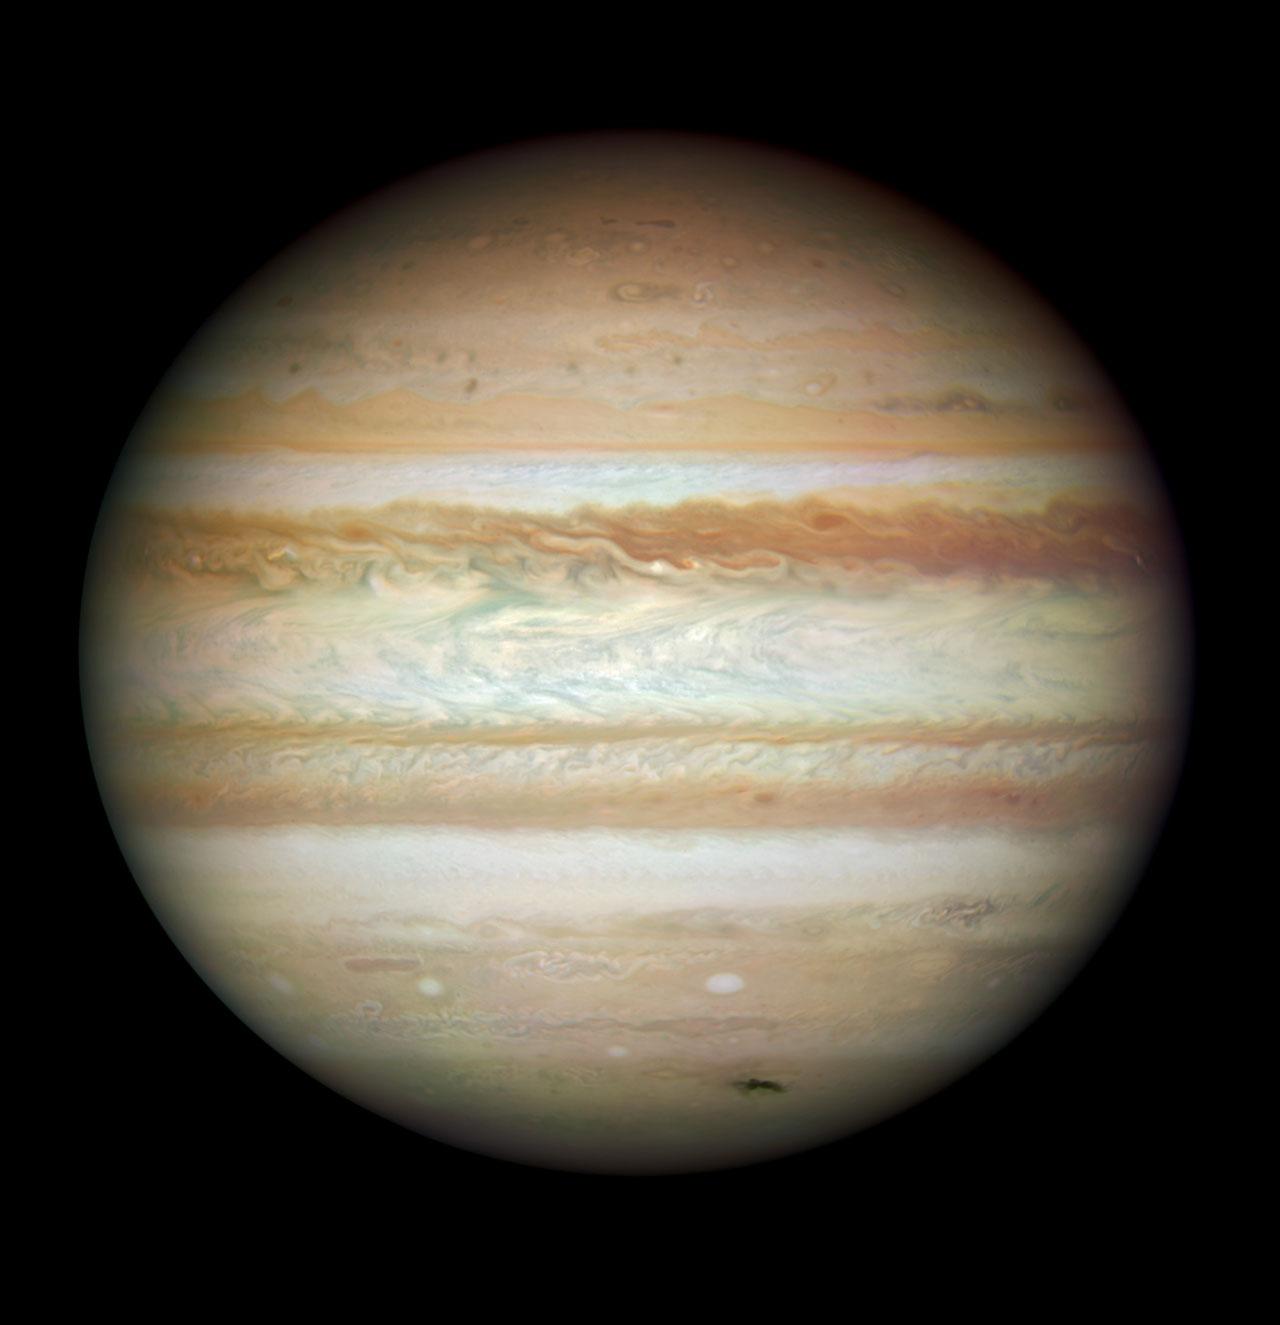 Юпитер расстояние 600 млн. км. от Земли